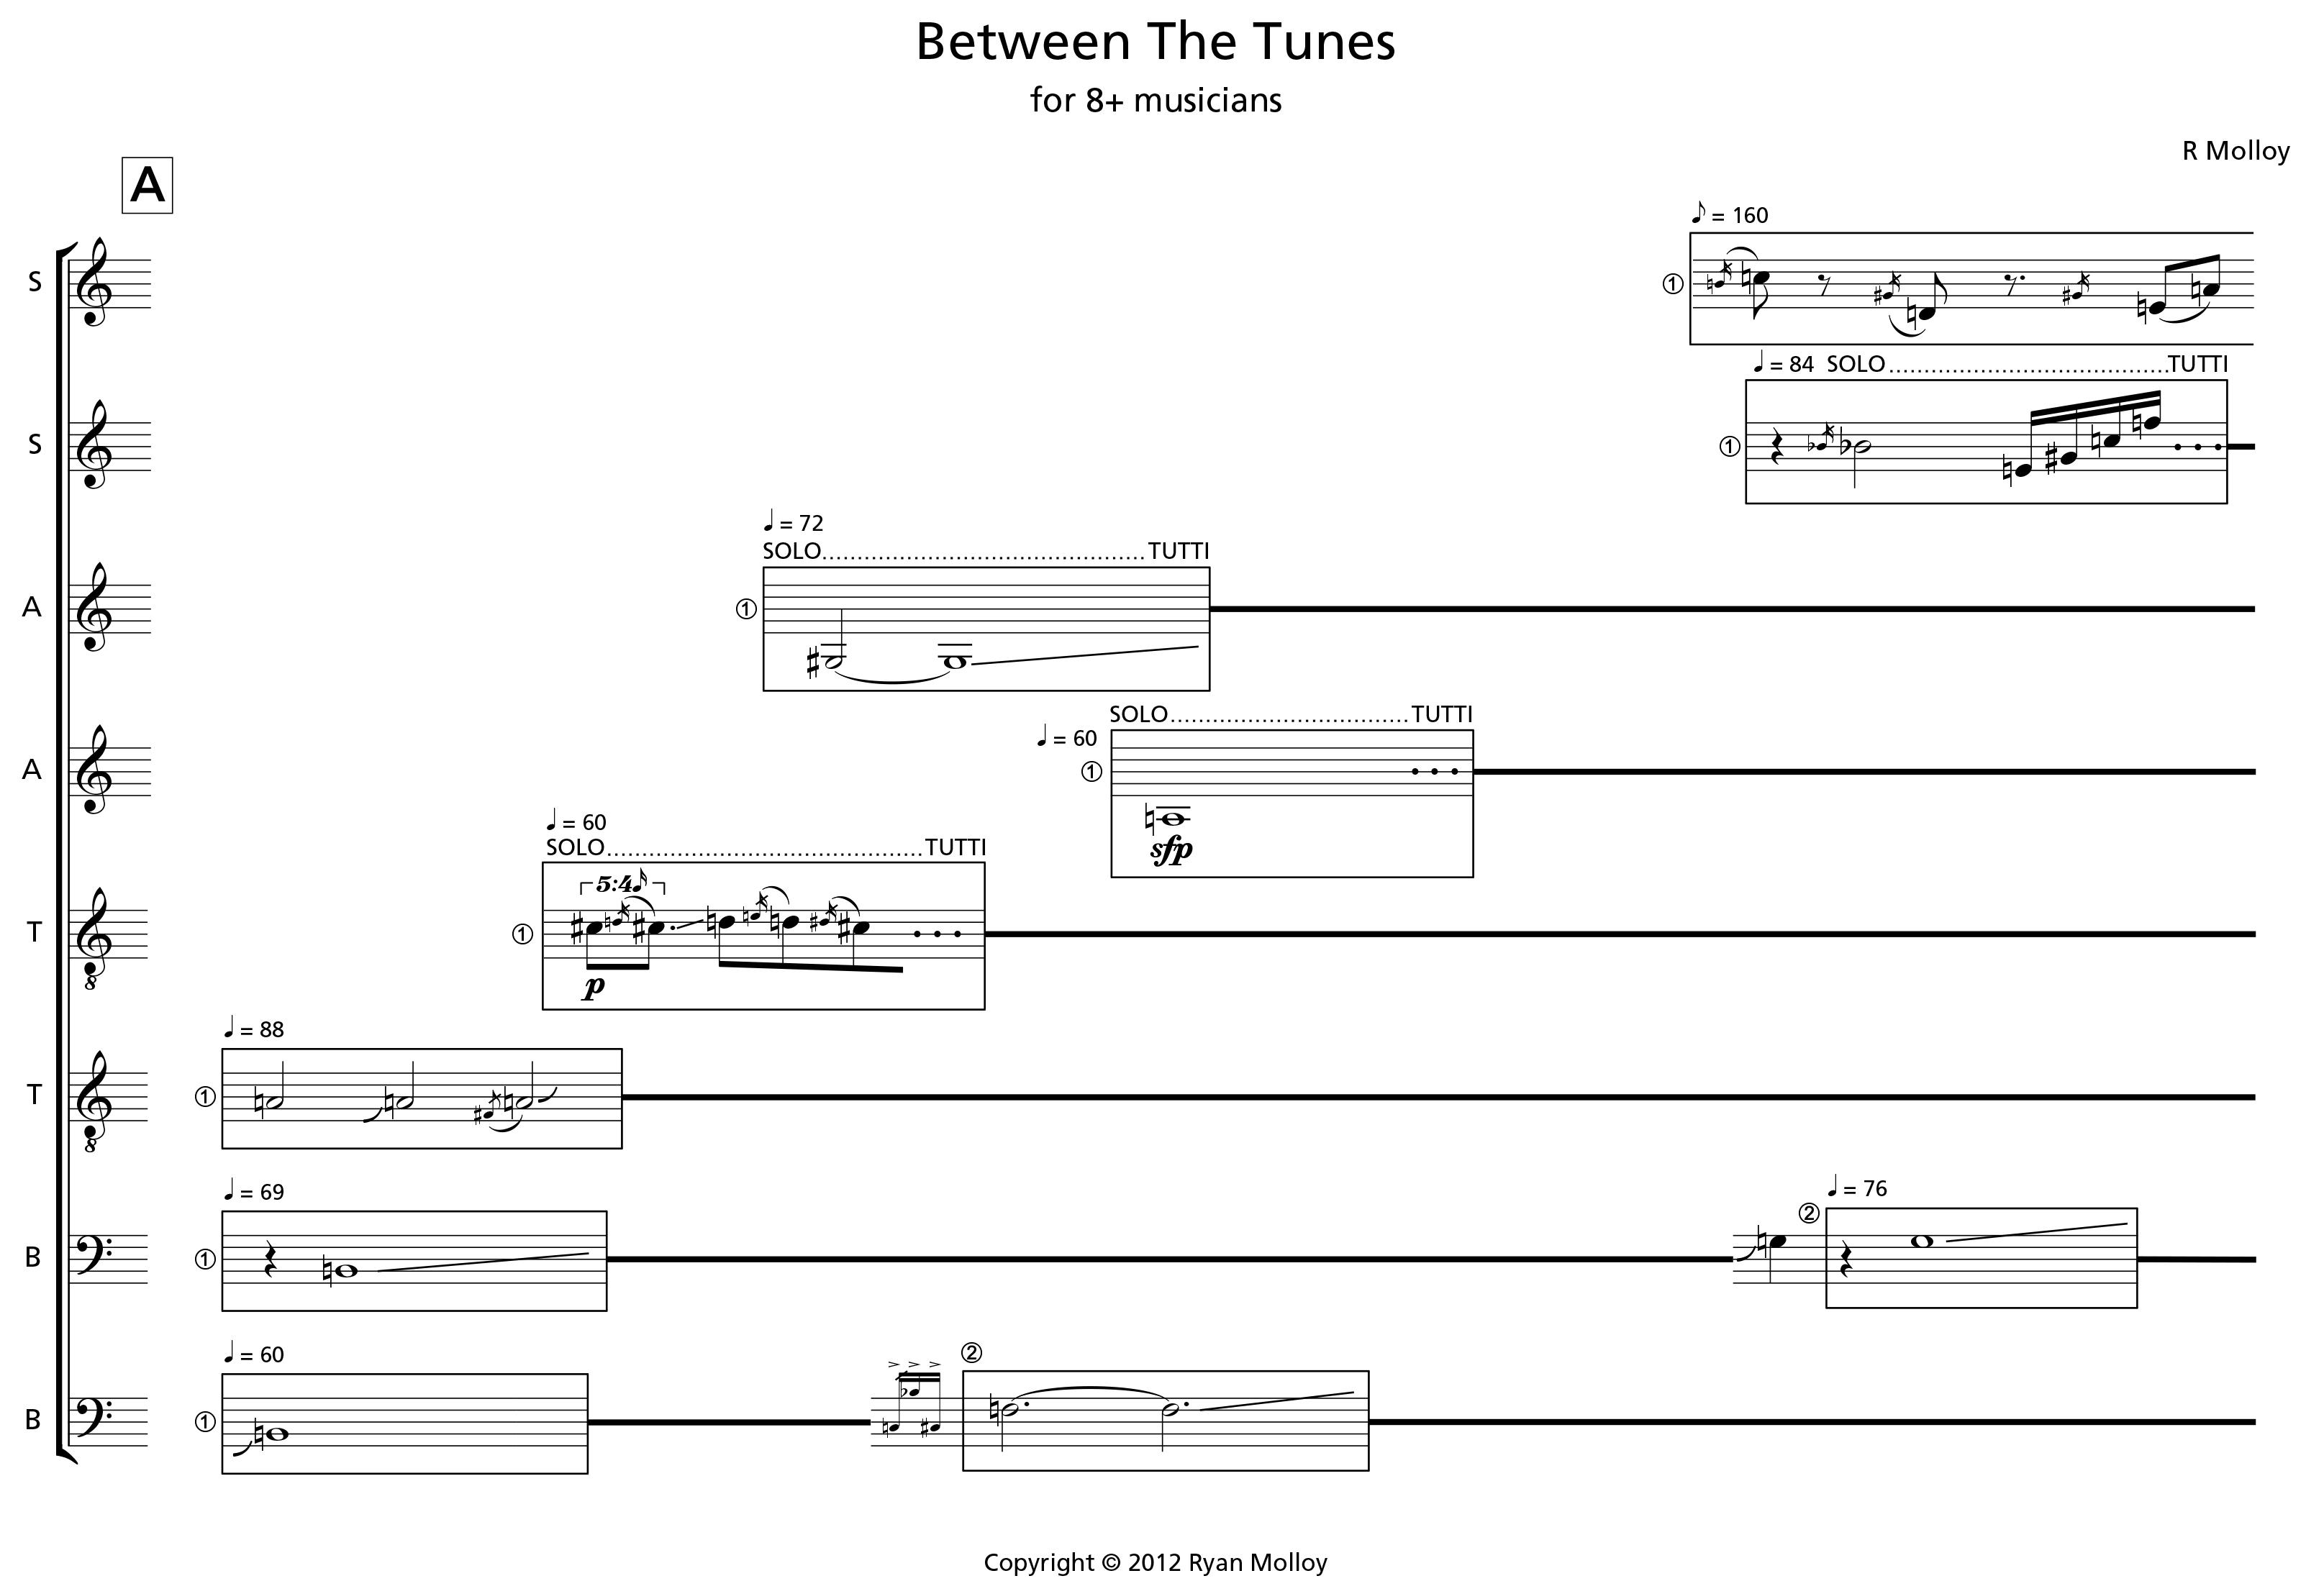 iscm_scores_-_molloy_between_the_tunes-8.jpg